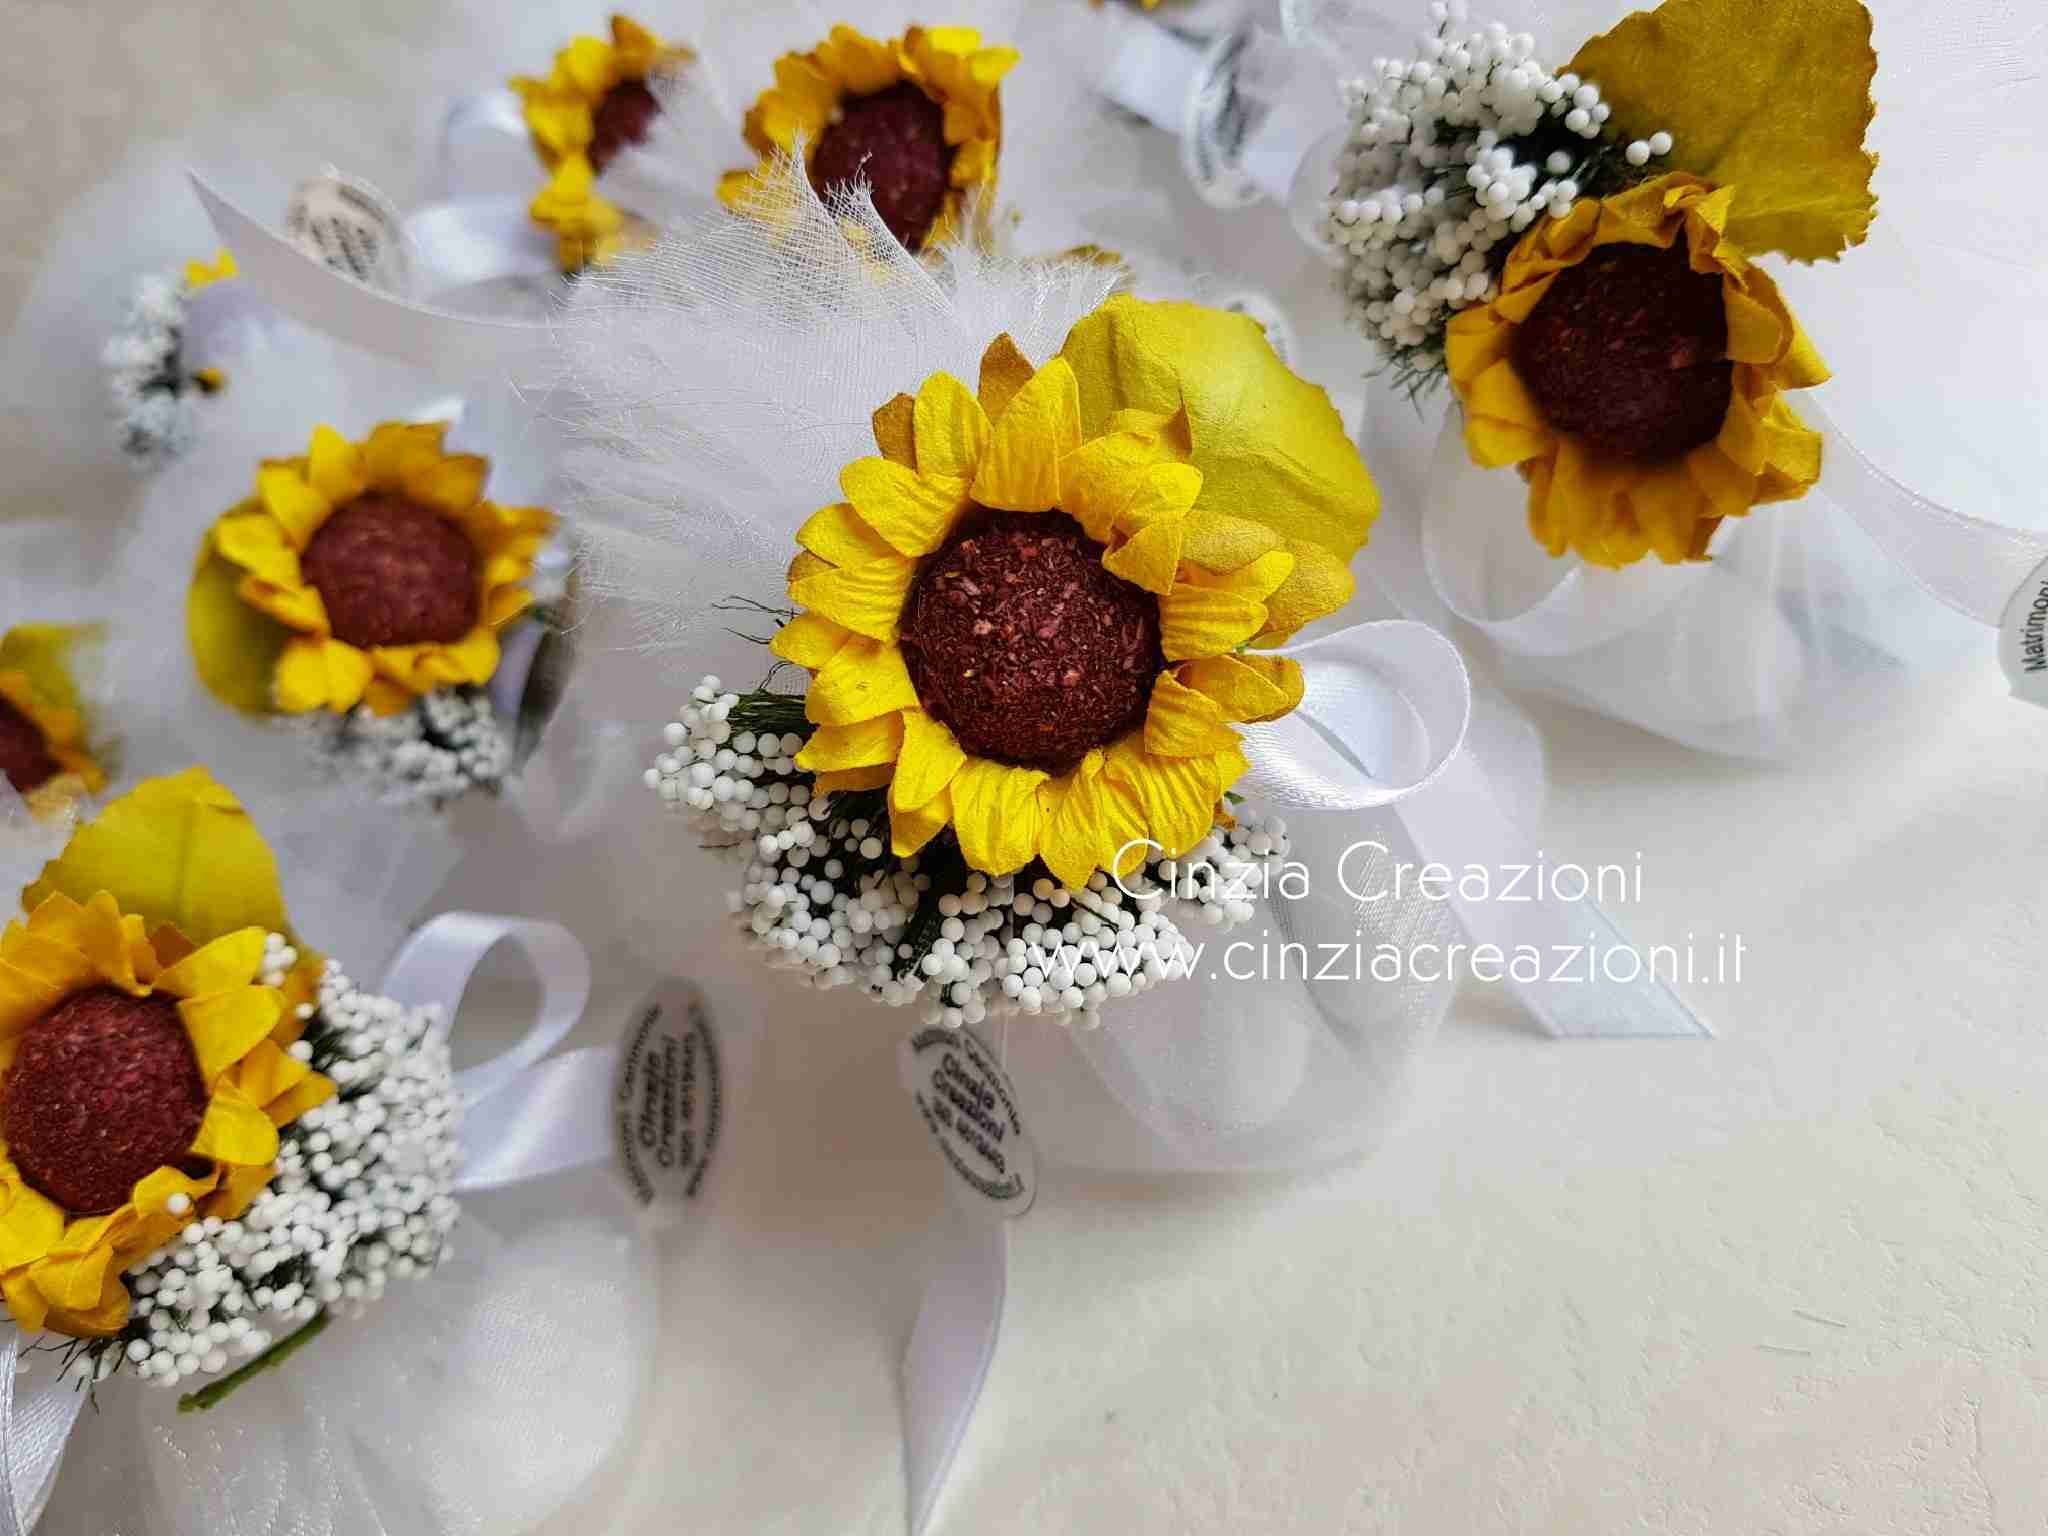 Segnaposto Matrimonio Tema Girasoli : Portaconfetti matrimonio girasole pcm035 cinzia creazioni